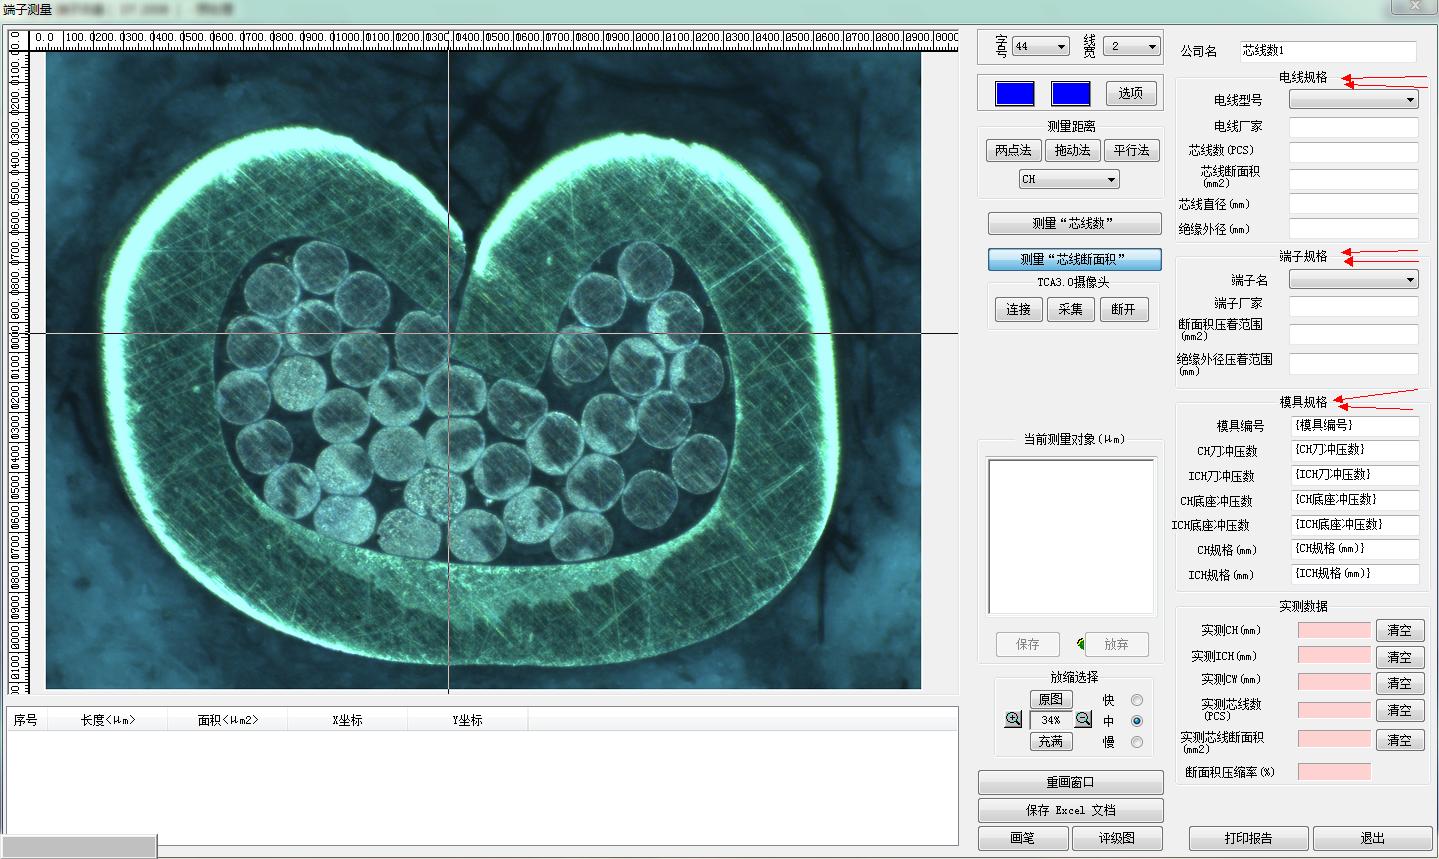 蔡康端子分析系统DZ-3000示例图1